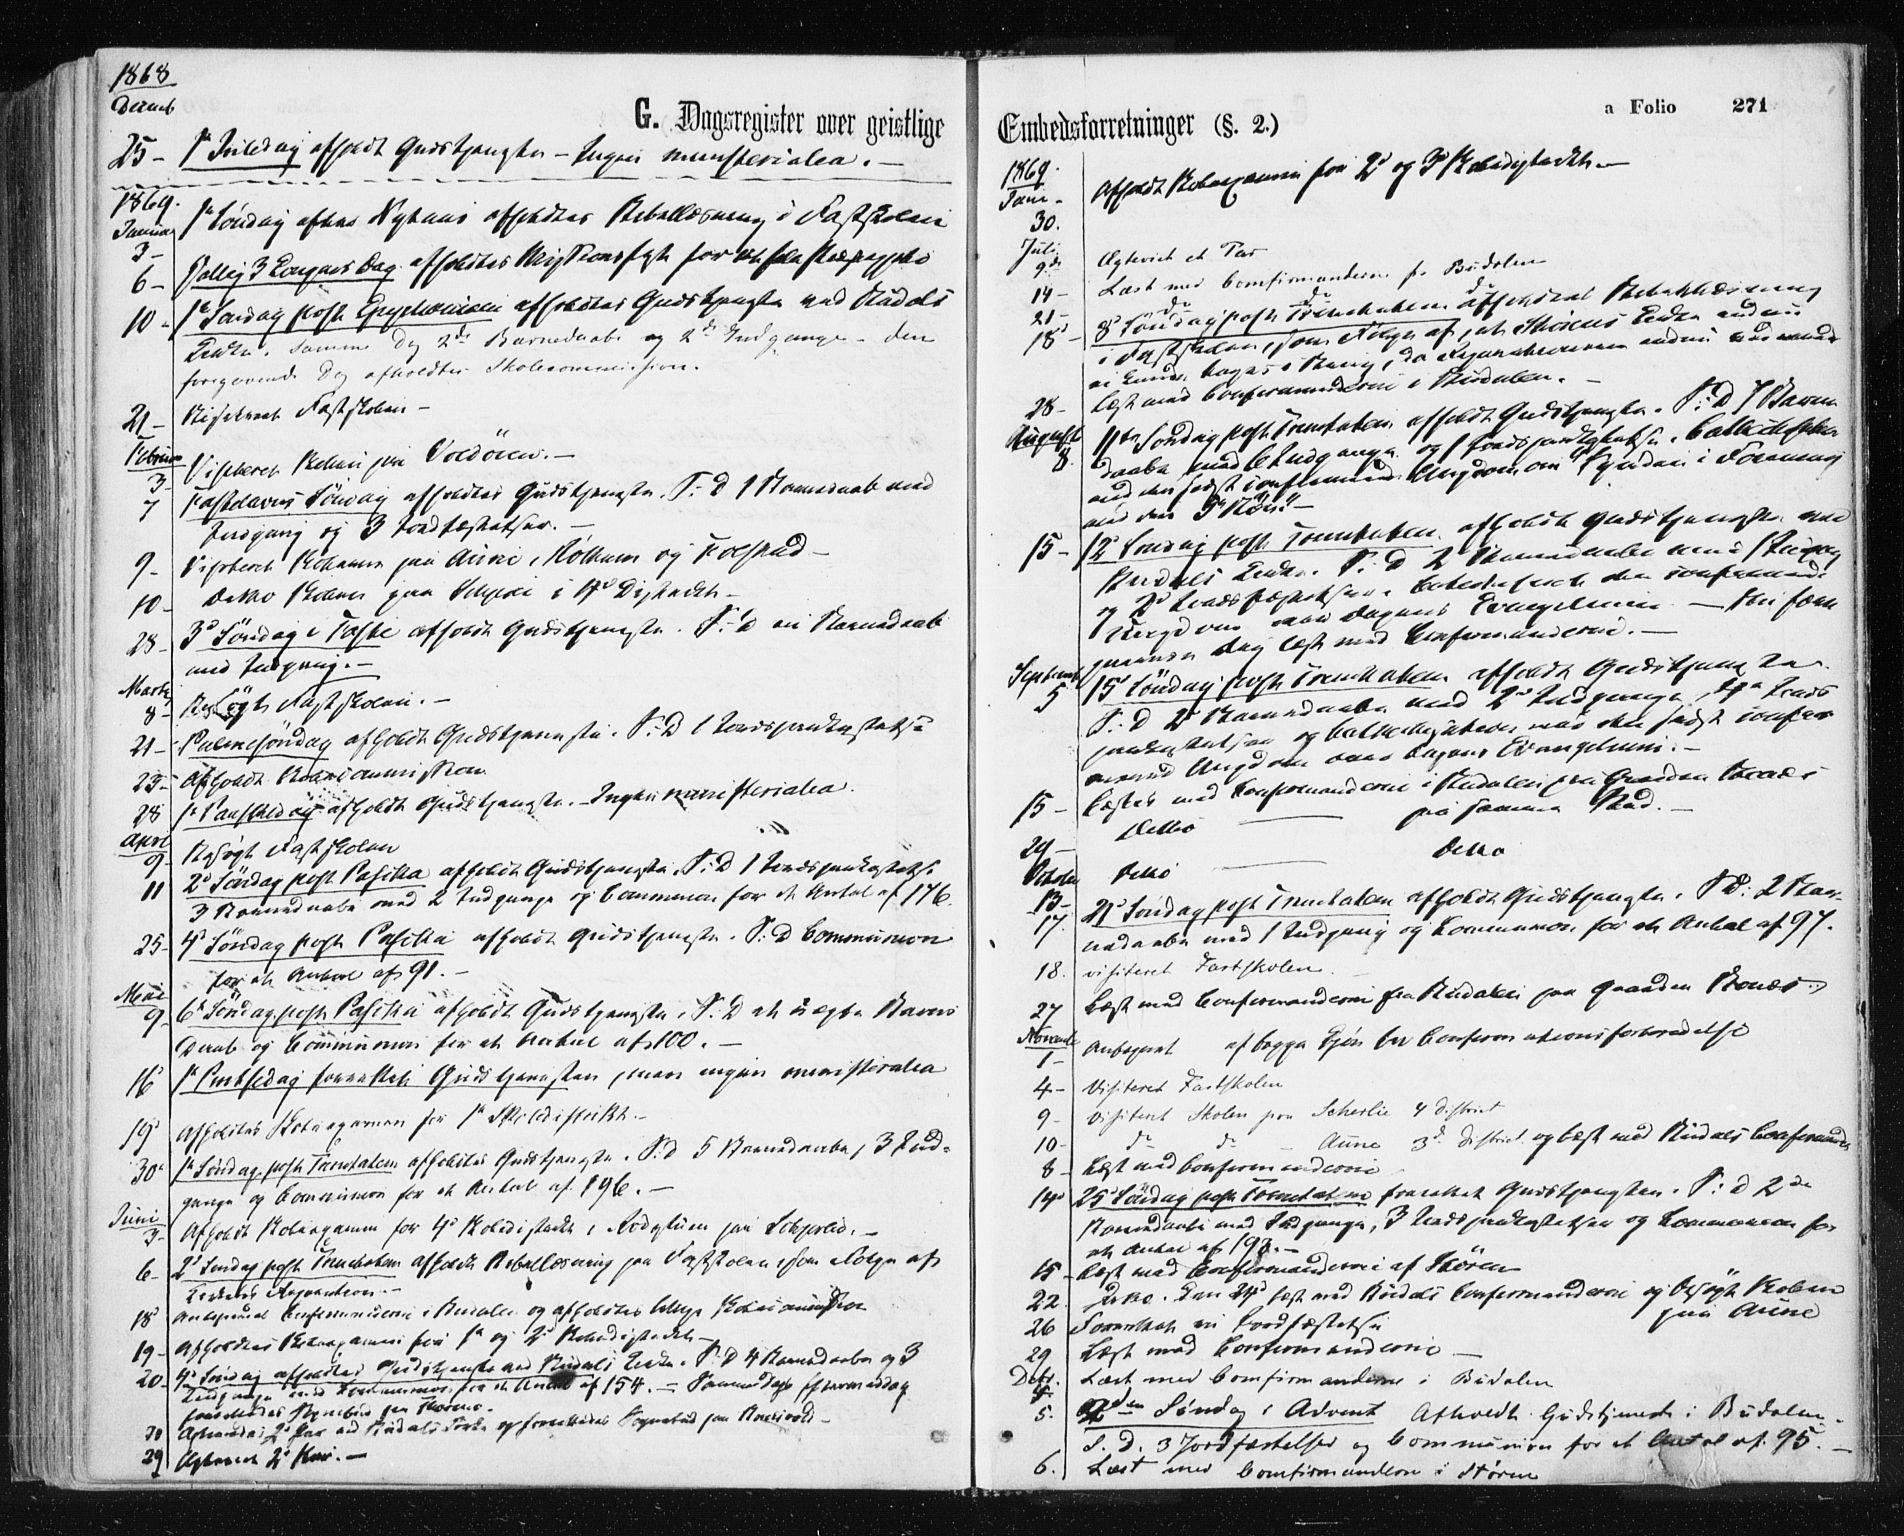 SAT, Ministerialprotokoller, klokkerbøker og fødselsregistre - Sør-Trøndelag, 687/L1001: Ministerialbok nr. 687A07, 1863-1878, s. 271